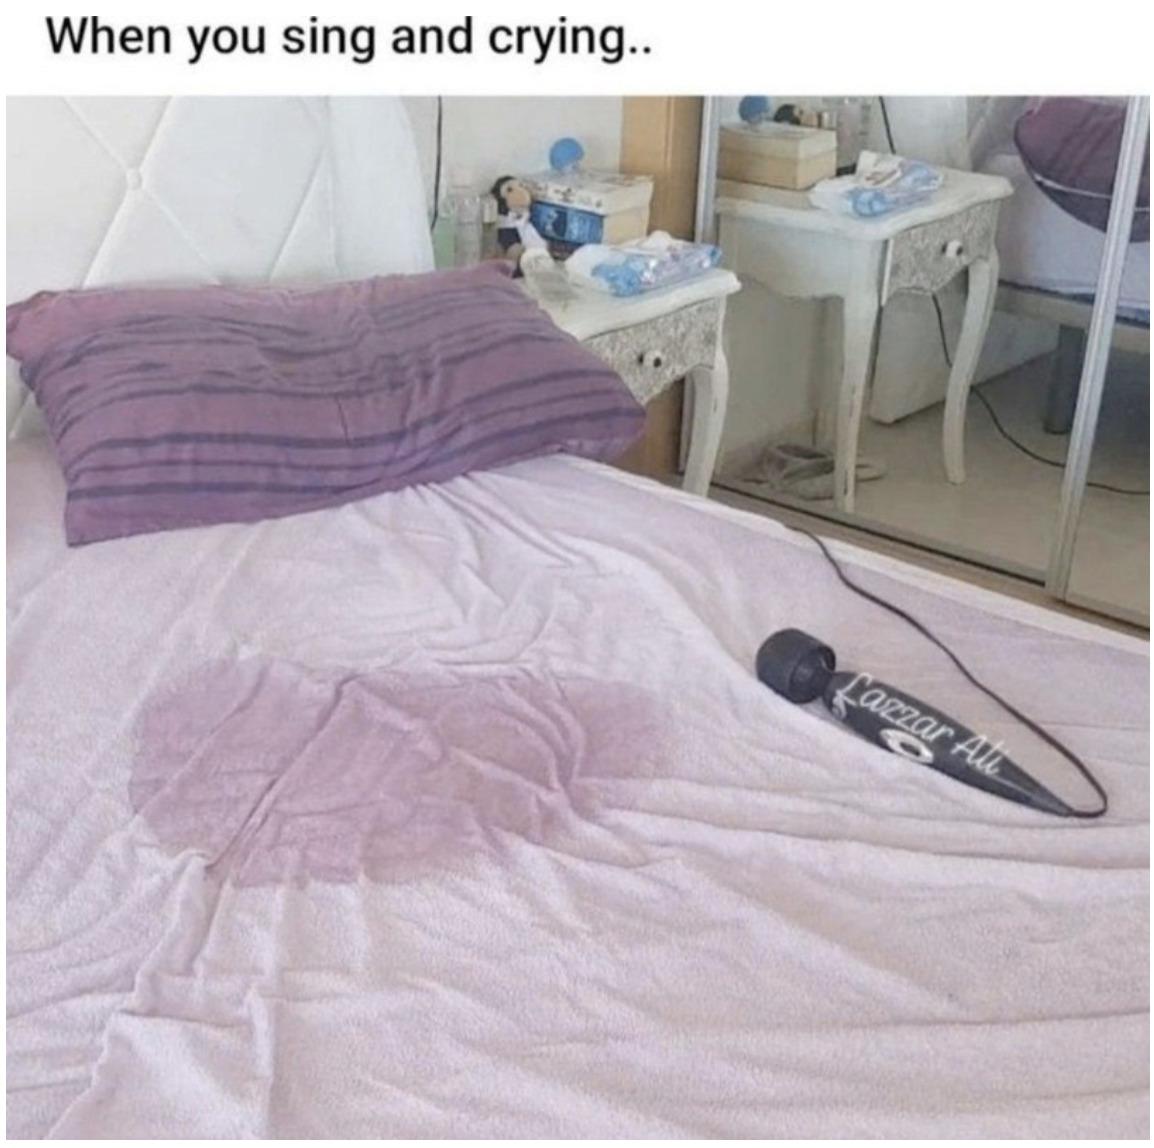 Lexxxpass Когда поешь и плачешь 😂😂 custom pic 1